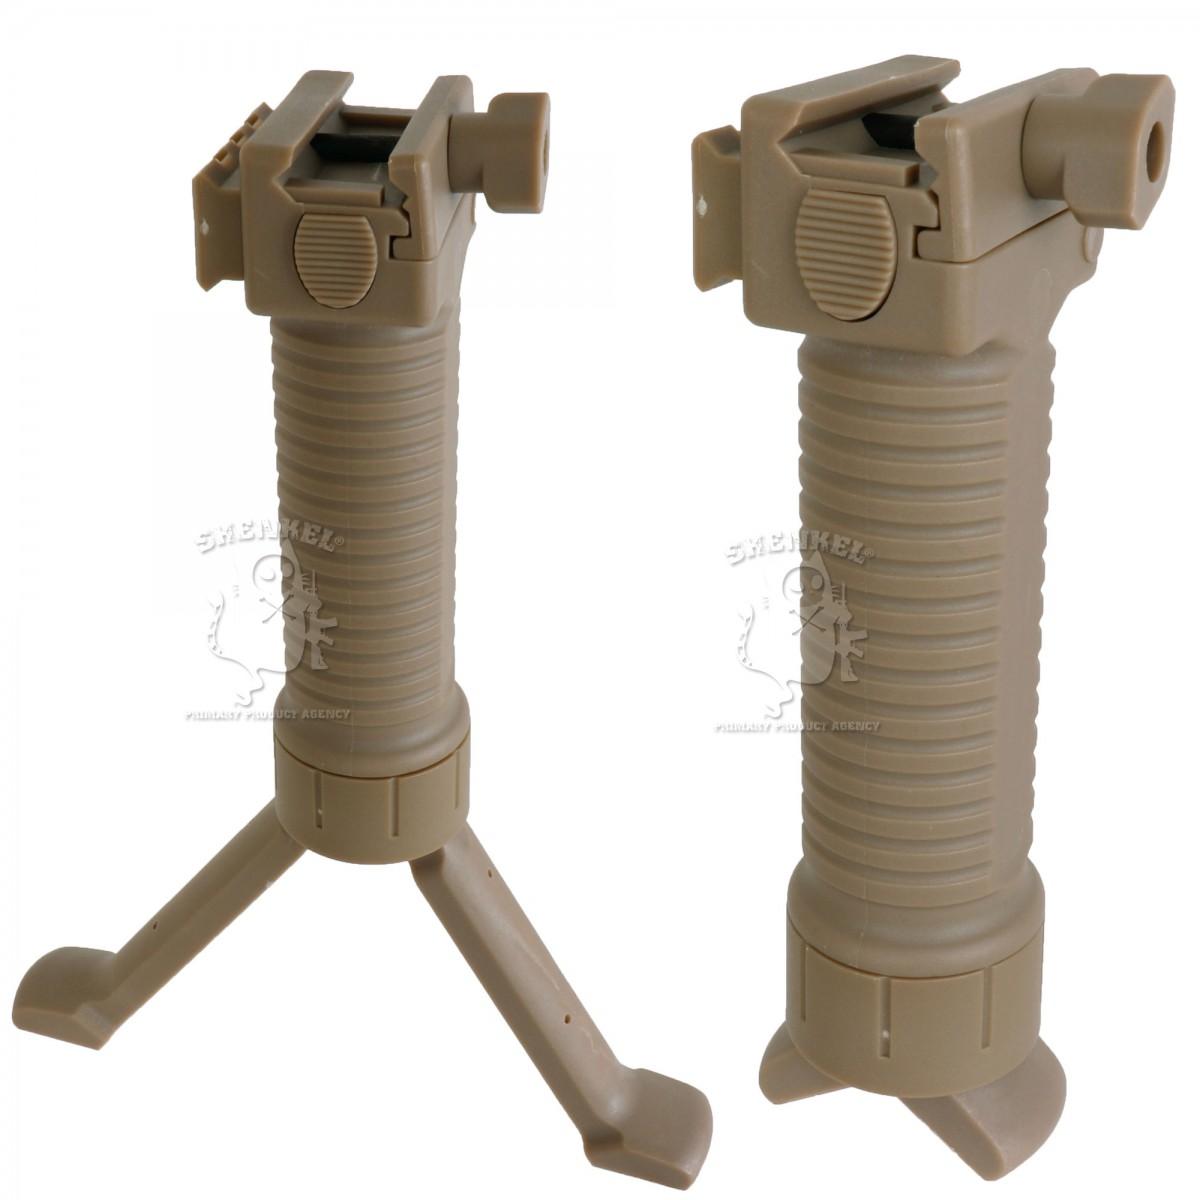 サイドレイル付バイポッドグリップ 伸縮便利ワンタッチ  20mmレール対応 TAN